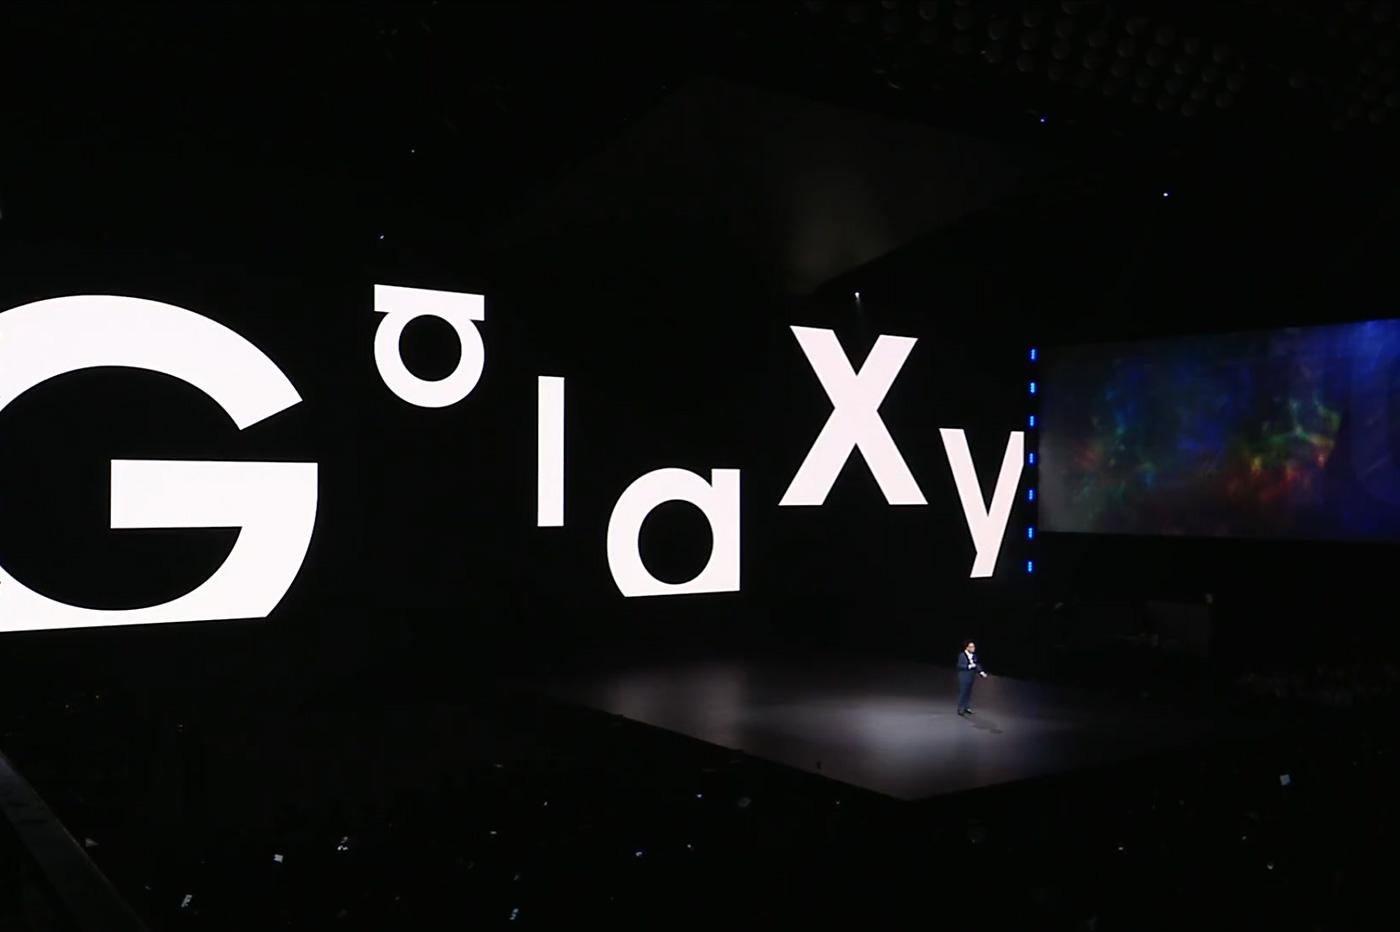 Samsung Galaxy présentation conférence